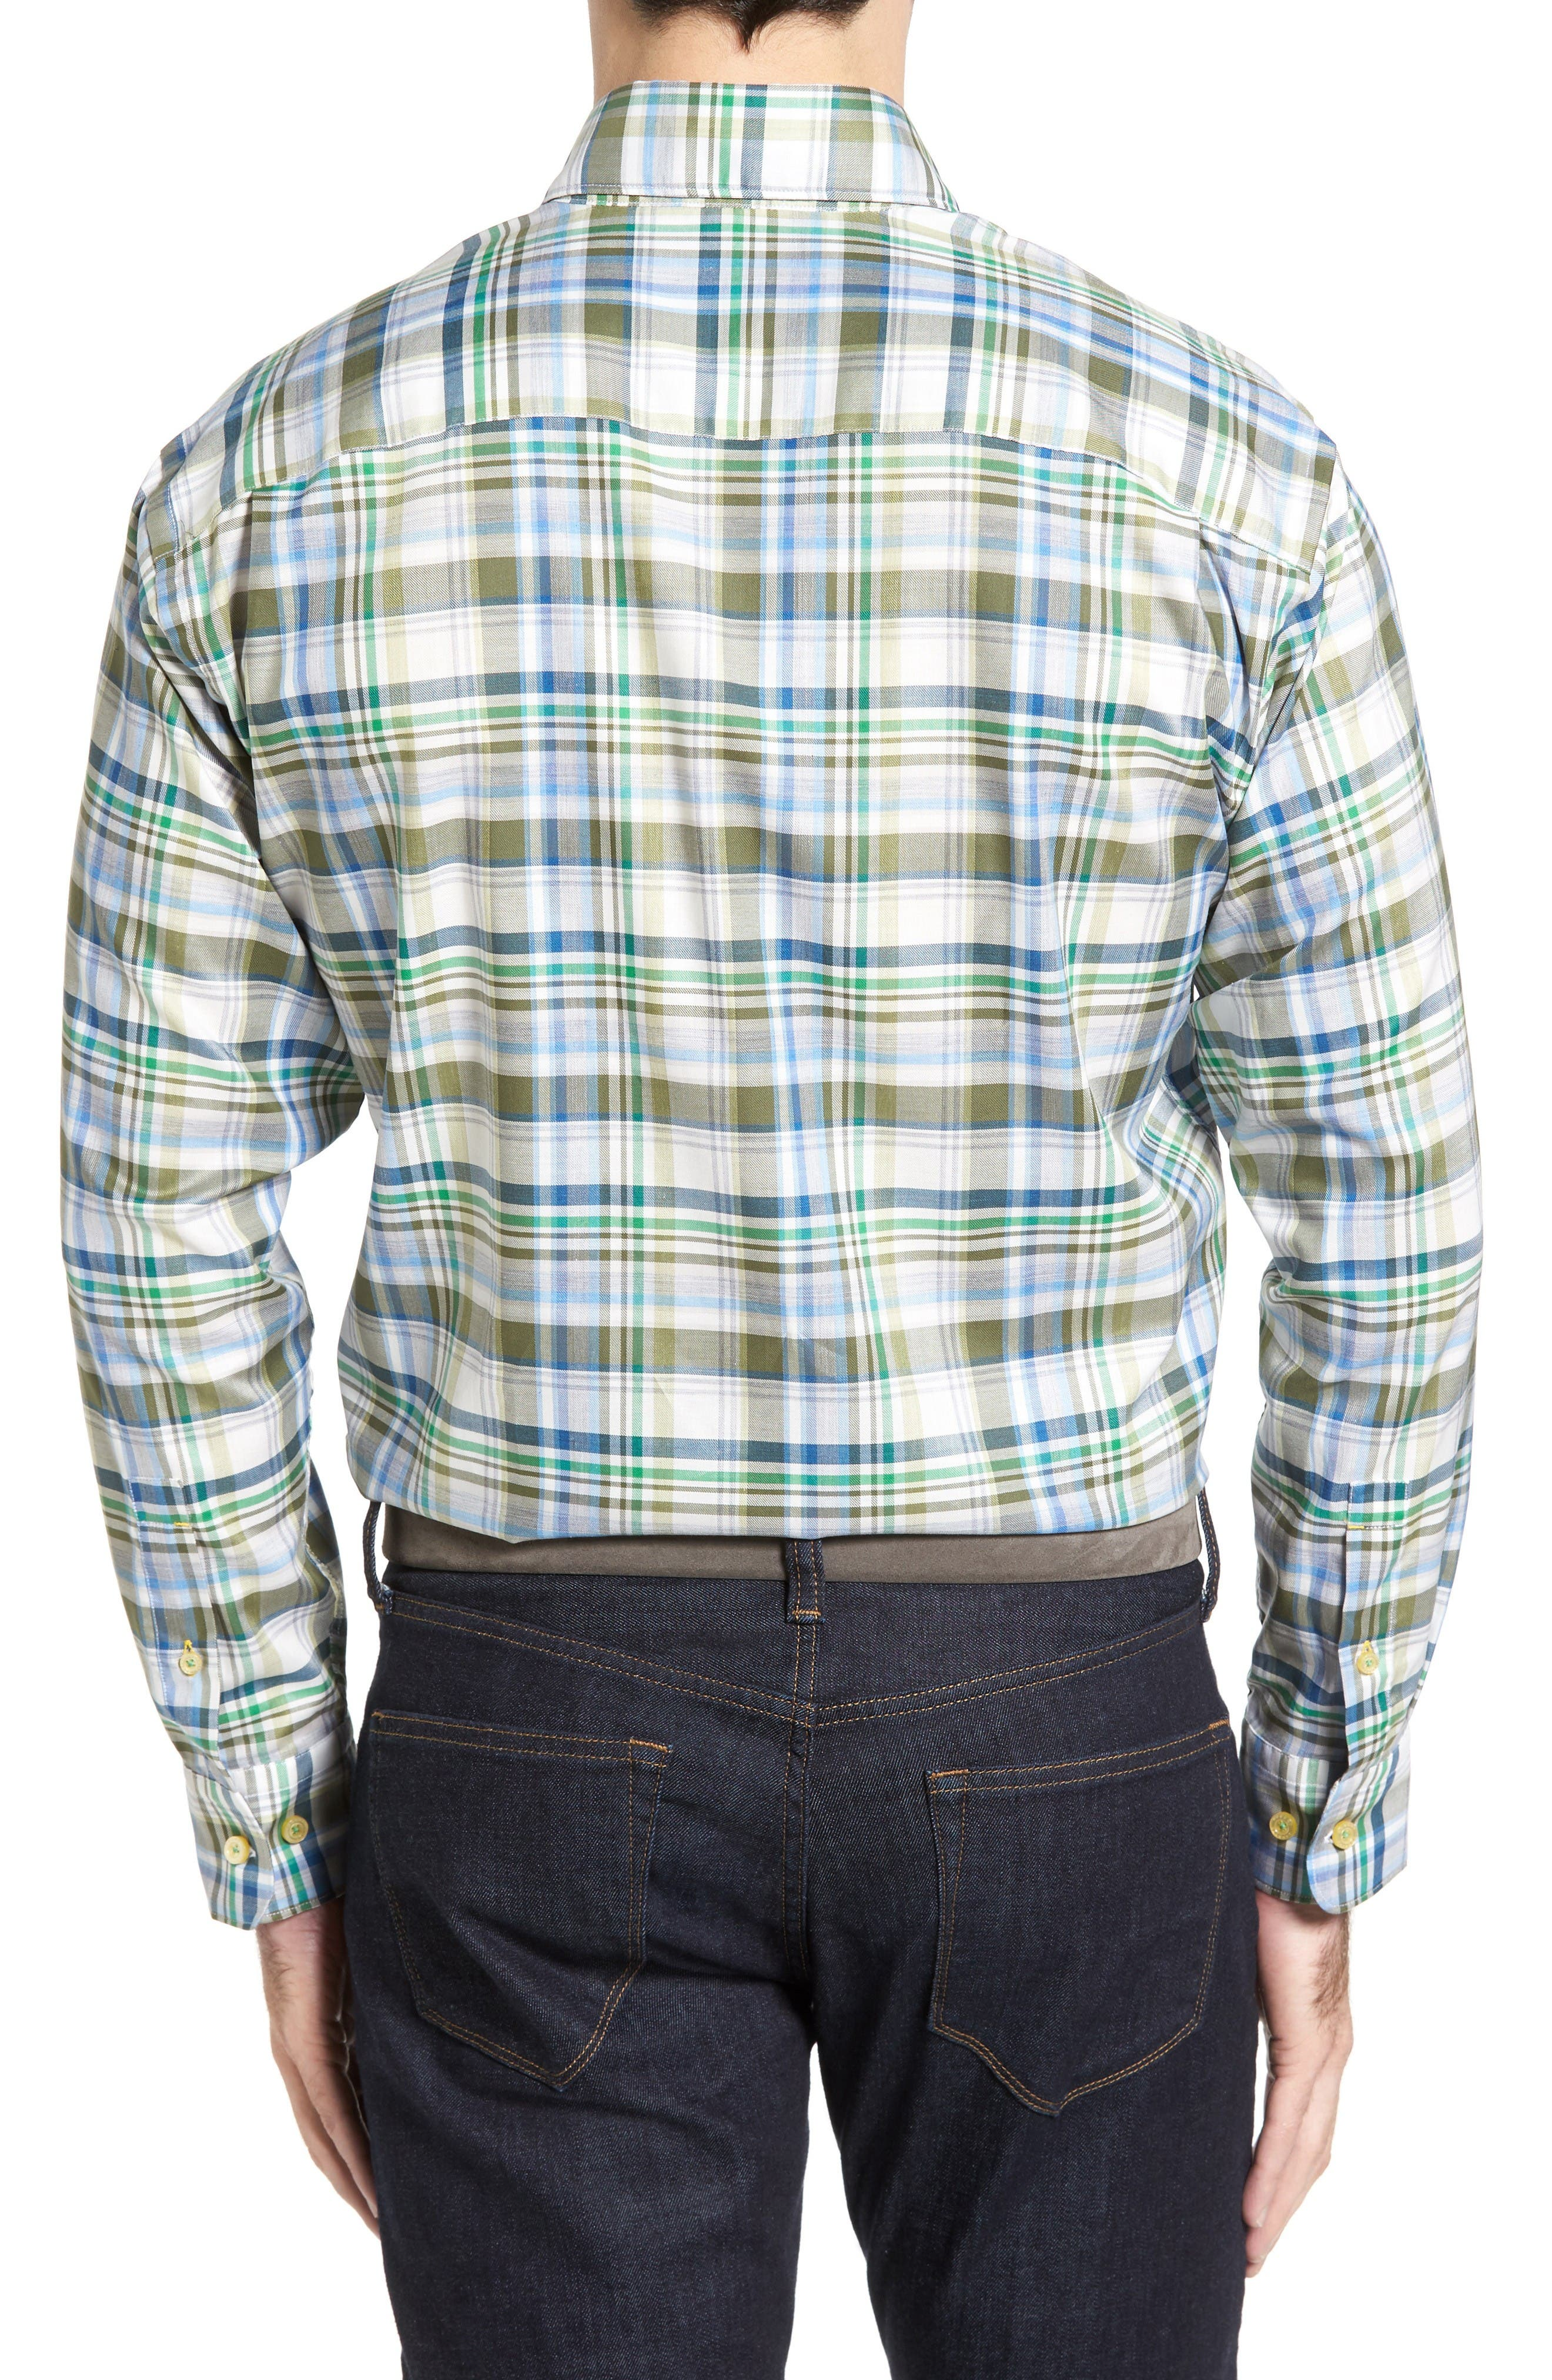 Alternate Image 2  - Robert Talbott Anderson Classic Fit Plaid Micro Twill Sport Shirt